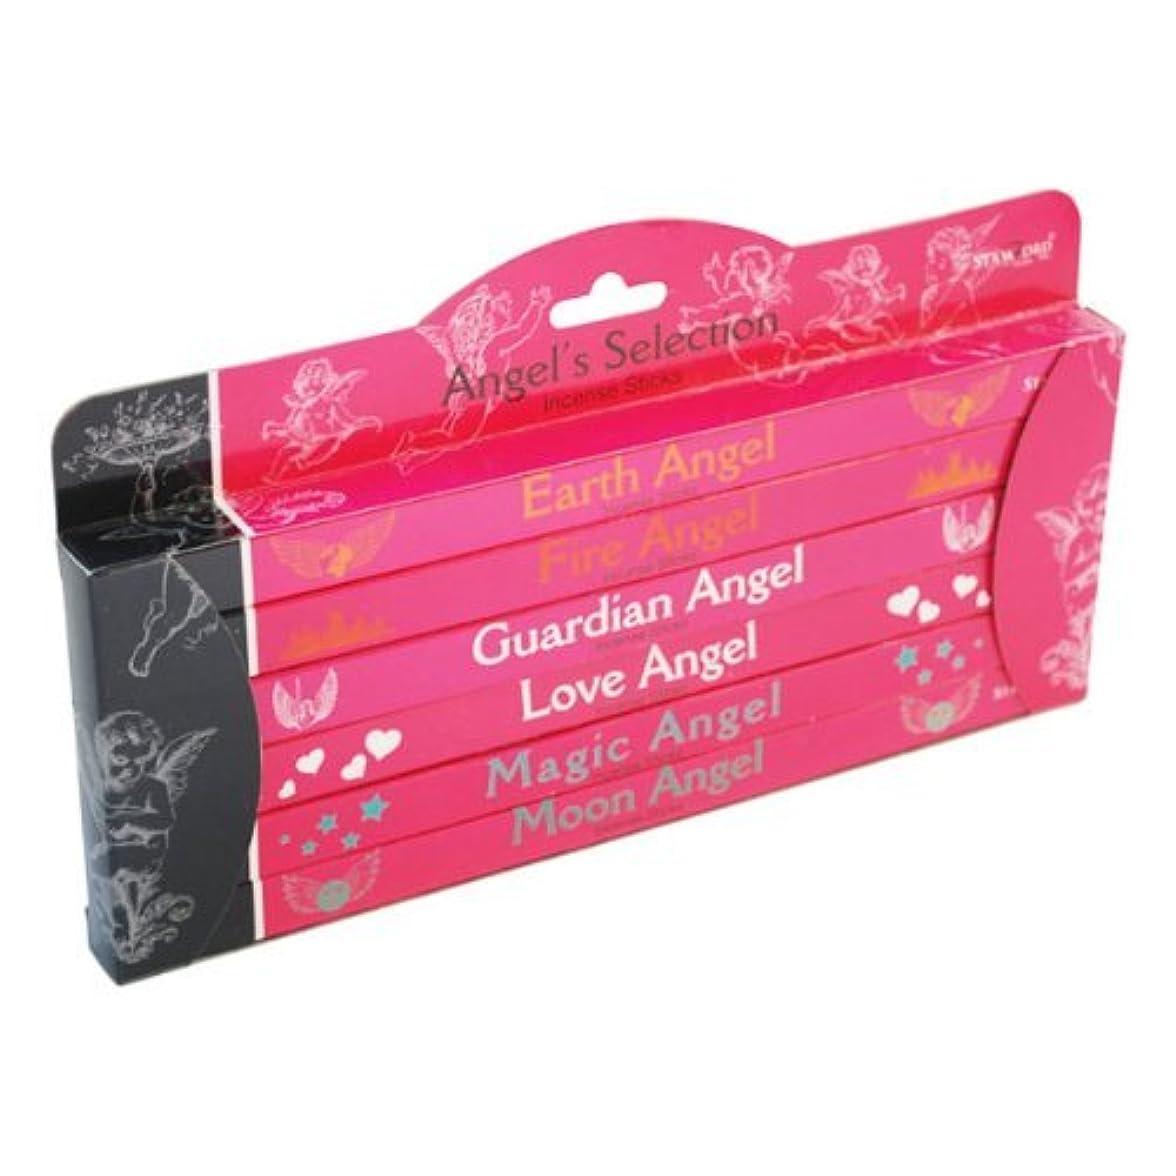 落ち着いたパテカレンダーStamford Angel Incense Gift Pack by Stamford